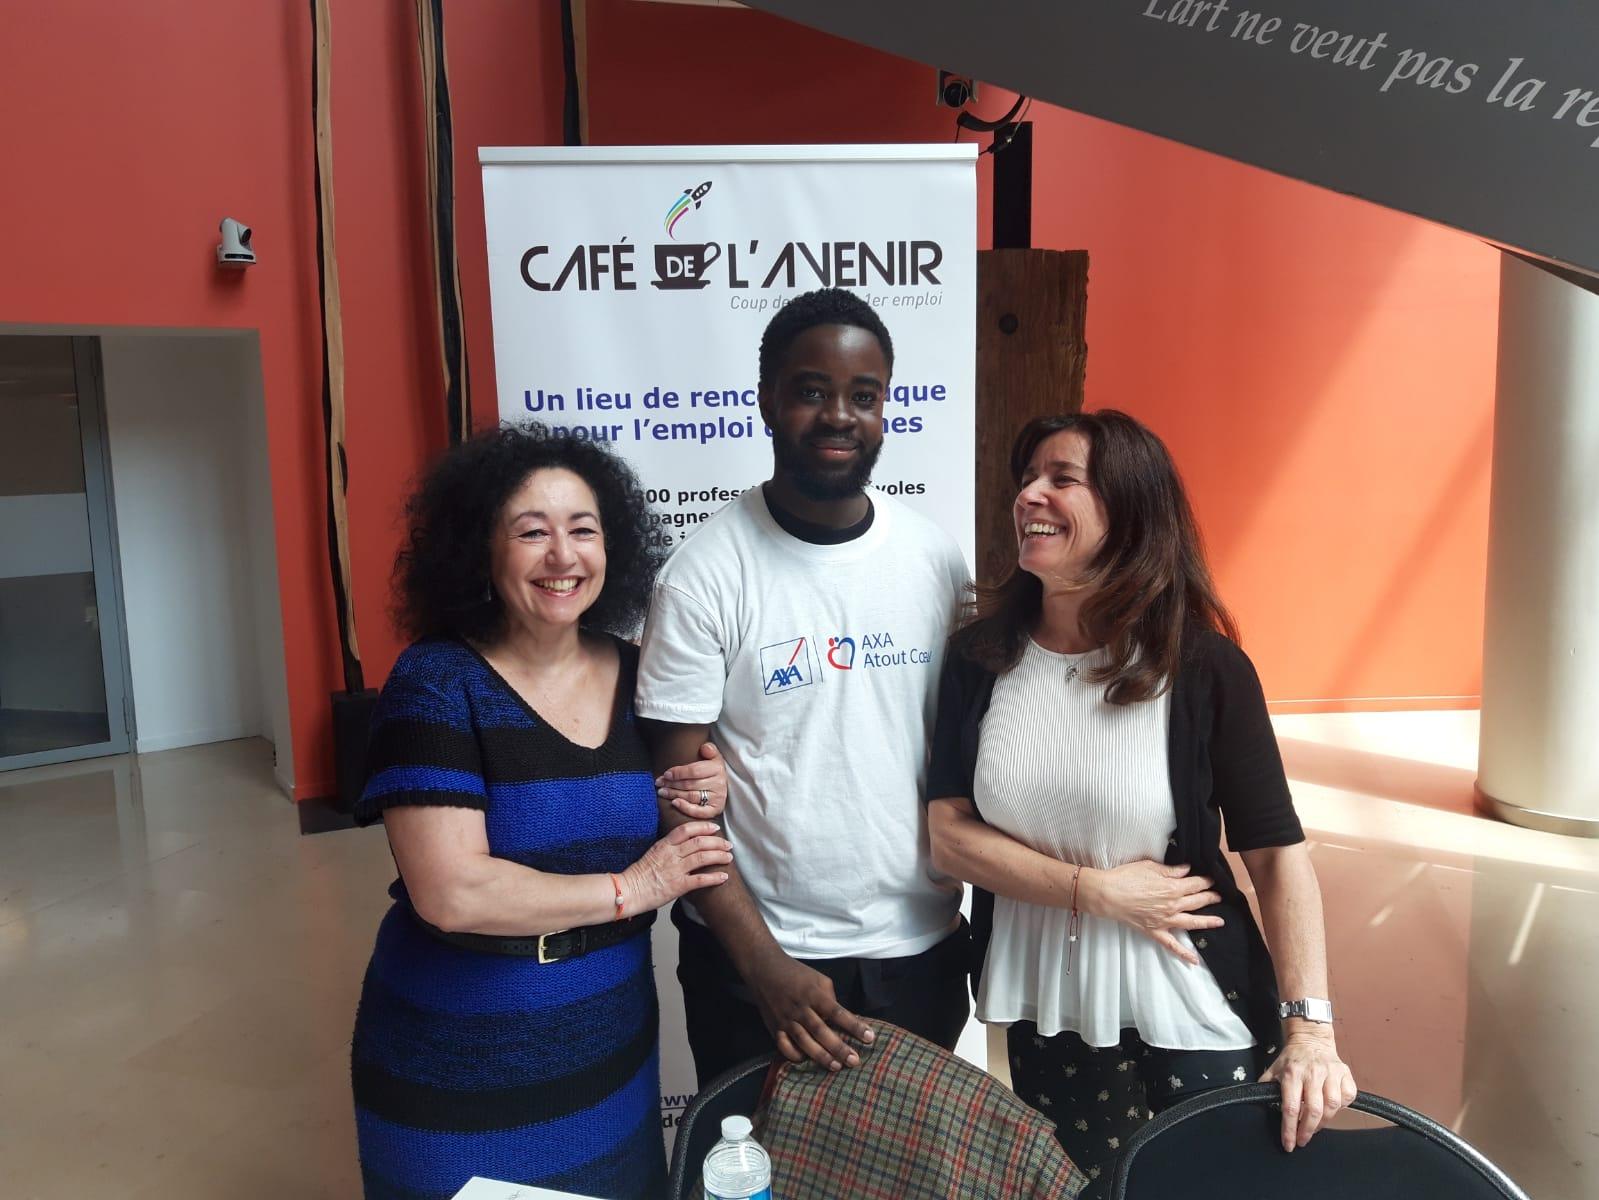 Le Café de l'Avenir s'engage auprès d'AXA Atout Cœur